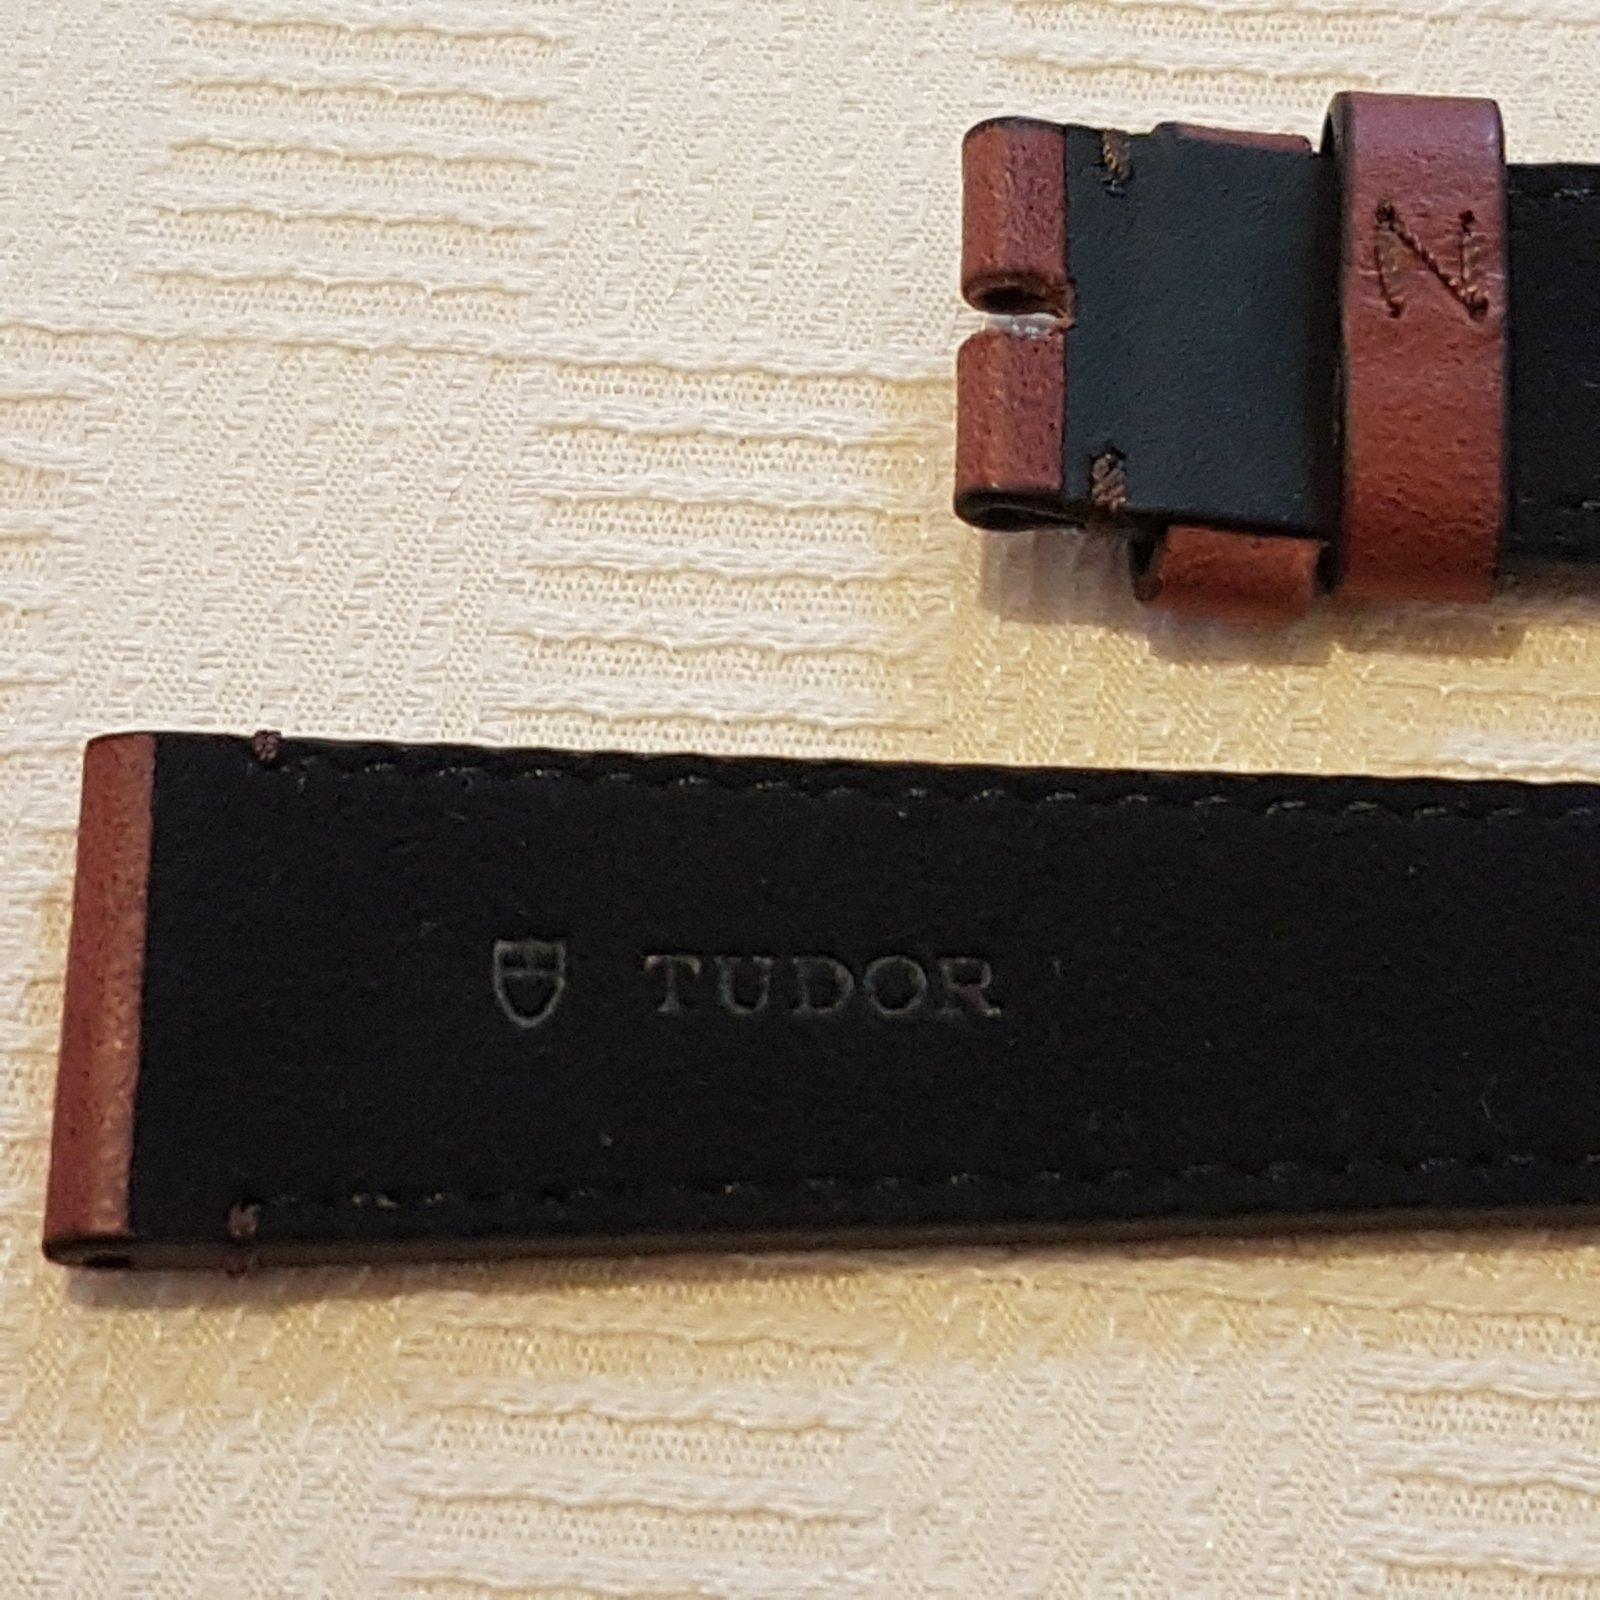 TUDOR_Lederband_03.jpg